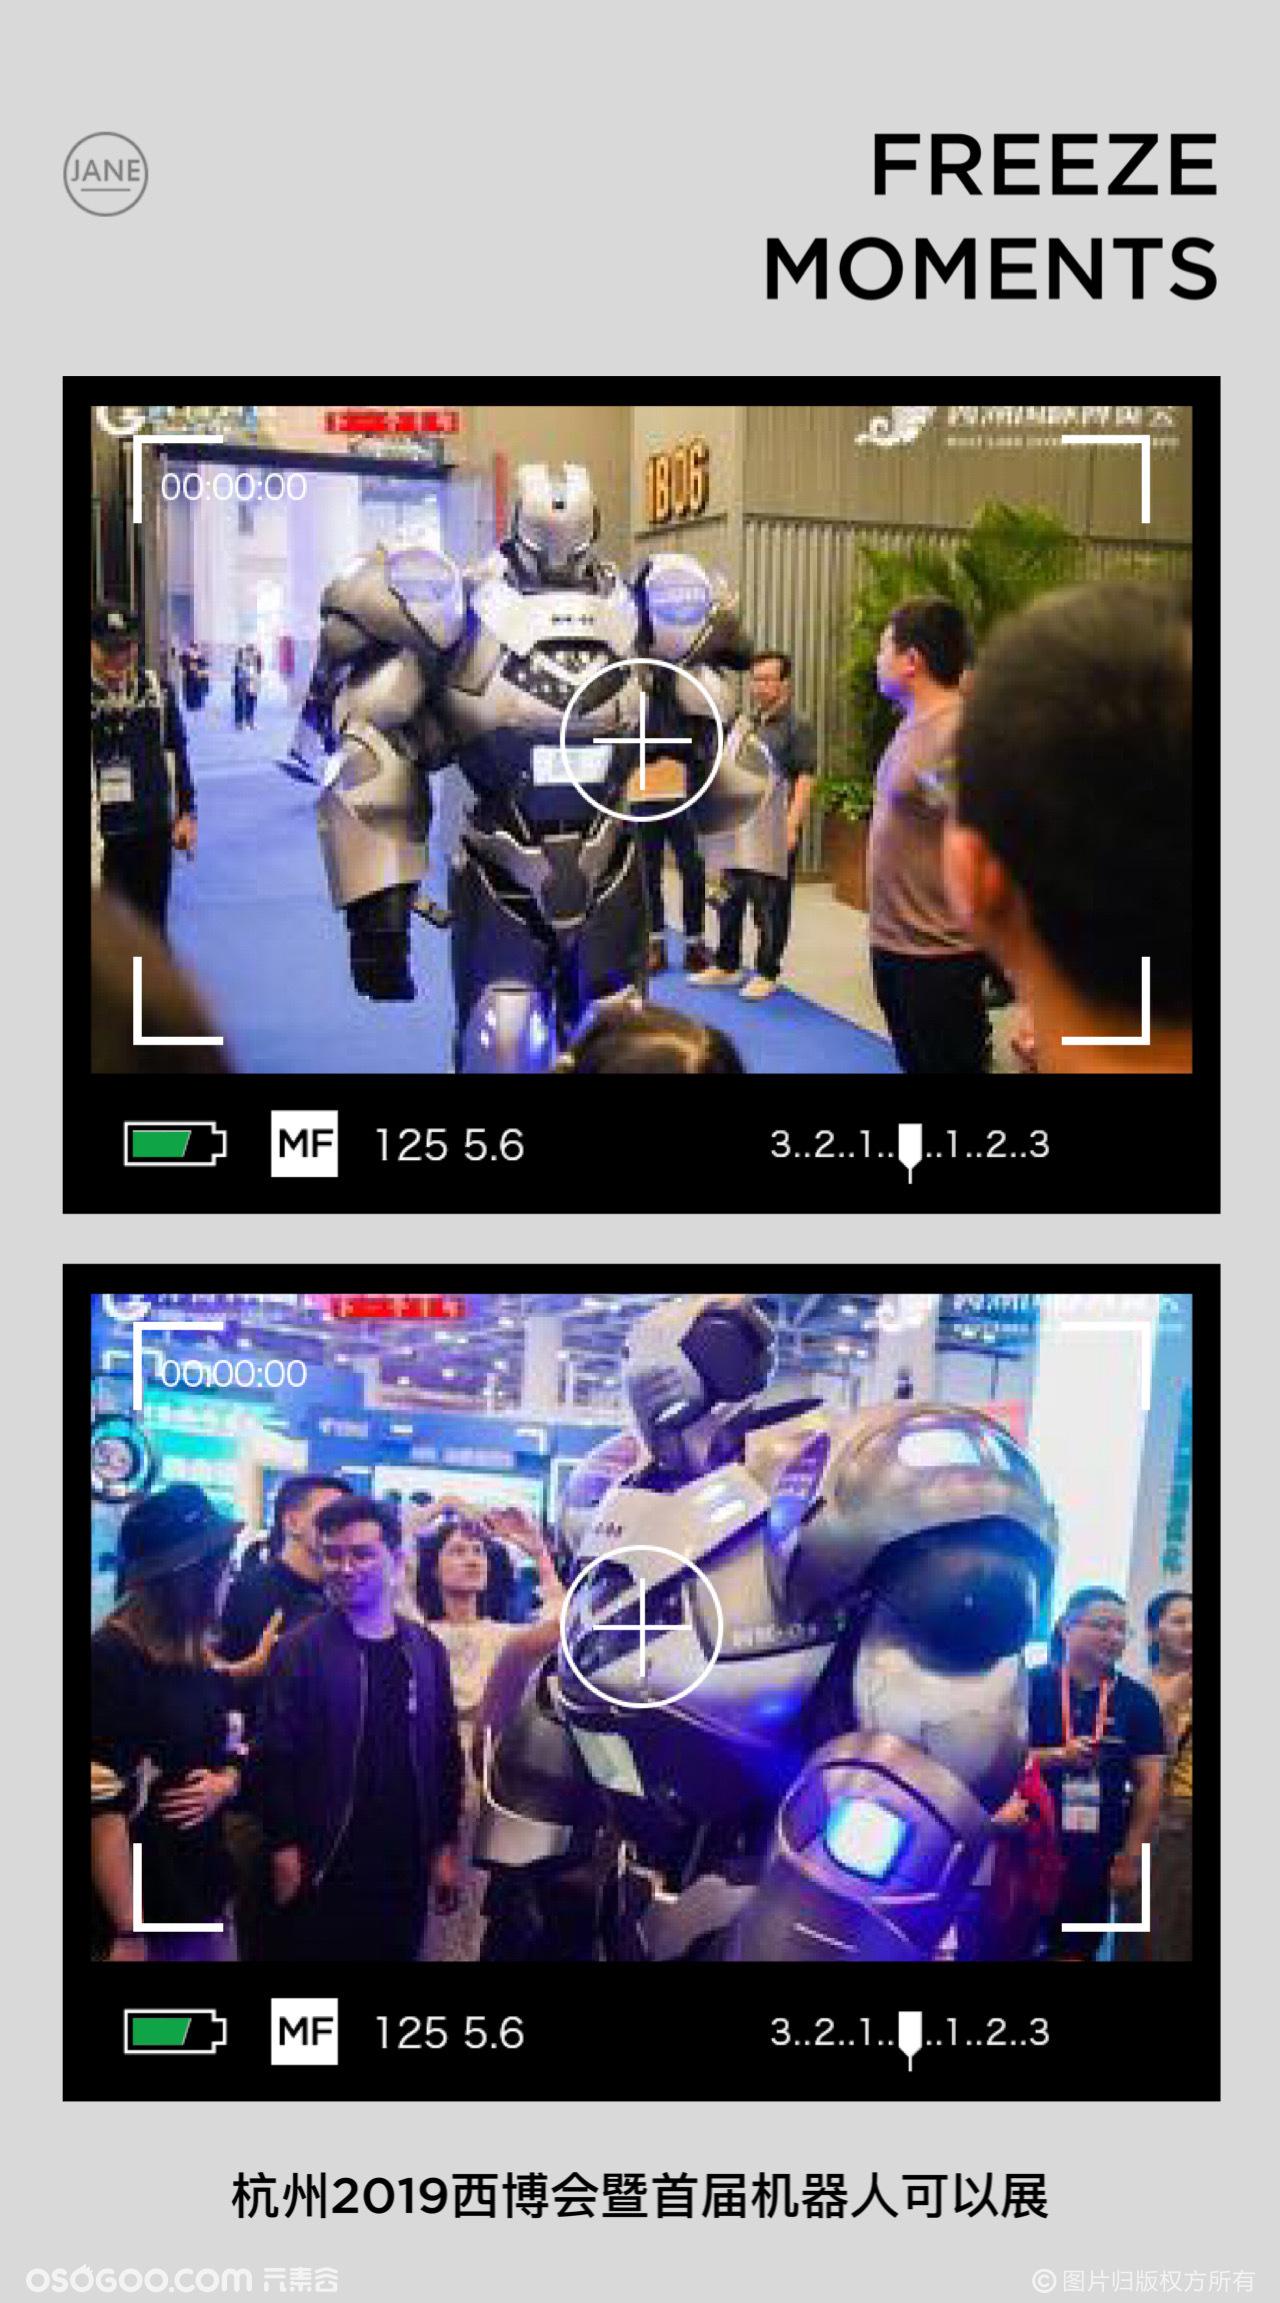 全球首款机甲时代特种机器人——NK01